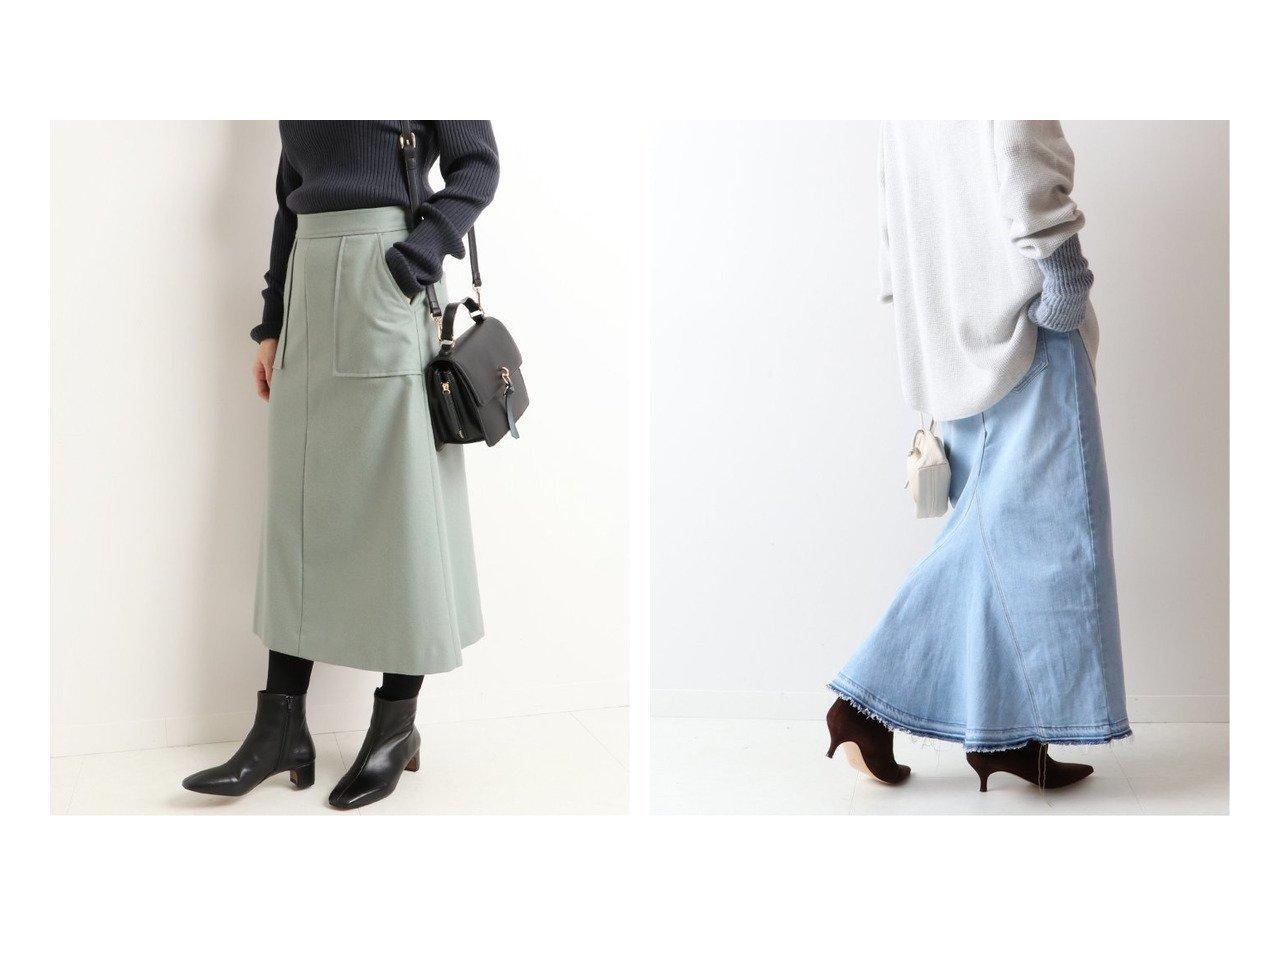 【SLOBE IENA/スローブ イエナ】の《WEB限定/追加》ウォッシャブルフラノAラインスカート&【FRAMeWORK/フレームワーク】のストレッチデニム切り替えタイトスカート スカートのおすすめ!人気、トレンド・レディースファッションの通販 おすすめで人気の流行・トレンド、ファッションの通販商品 メンズファッション・キッズファッション・インテリア・家具・レディースファッション・服の通販 founy(ファニー) https://founy.com/ ファッション Fashion レディースファッション WOMEN スカート Skirt Aライン/フレアスカート Flared A-Line Skirts 2021年 2021 2021 春夏 S/S SS Spring/Summer 2021 S/S 春夏 SS Spring/Summer ストレッチ タイトスカート デニム フリンジ フレア ベーシック ロング 再入荷 Restock/Back in Stock/Re Arrival スリム ミモレ 冬 Winter A/W 秋冬 AW Autumn/Winter / FW Fall-Winter 2020年 2020 2020-2021 秋冬 A/W AW Autumn/Winter / FW Fall-Winter 2020-2021 NEW・新作・新着・新入荷 New Arrivals |ID:crp329100000011739